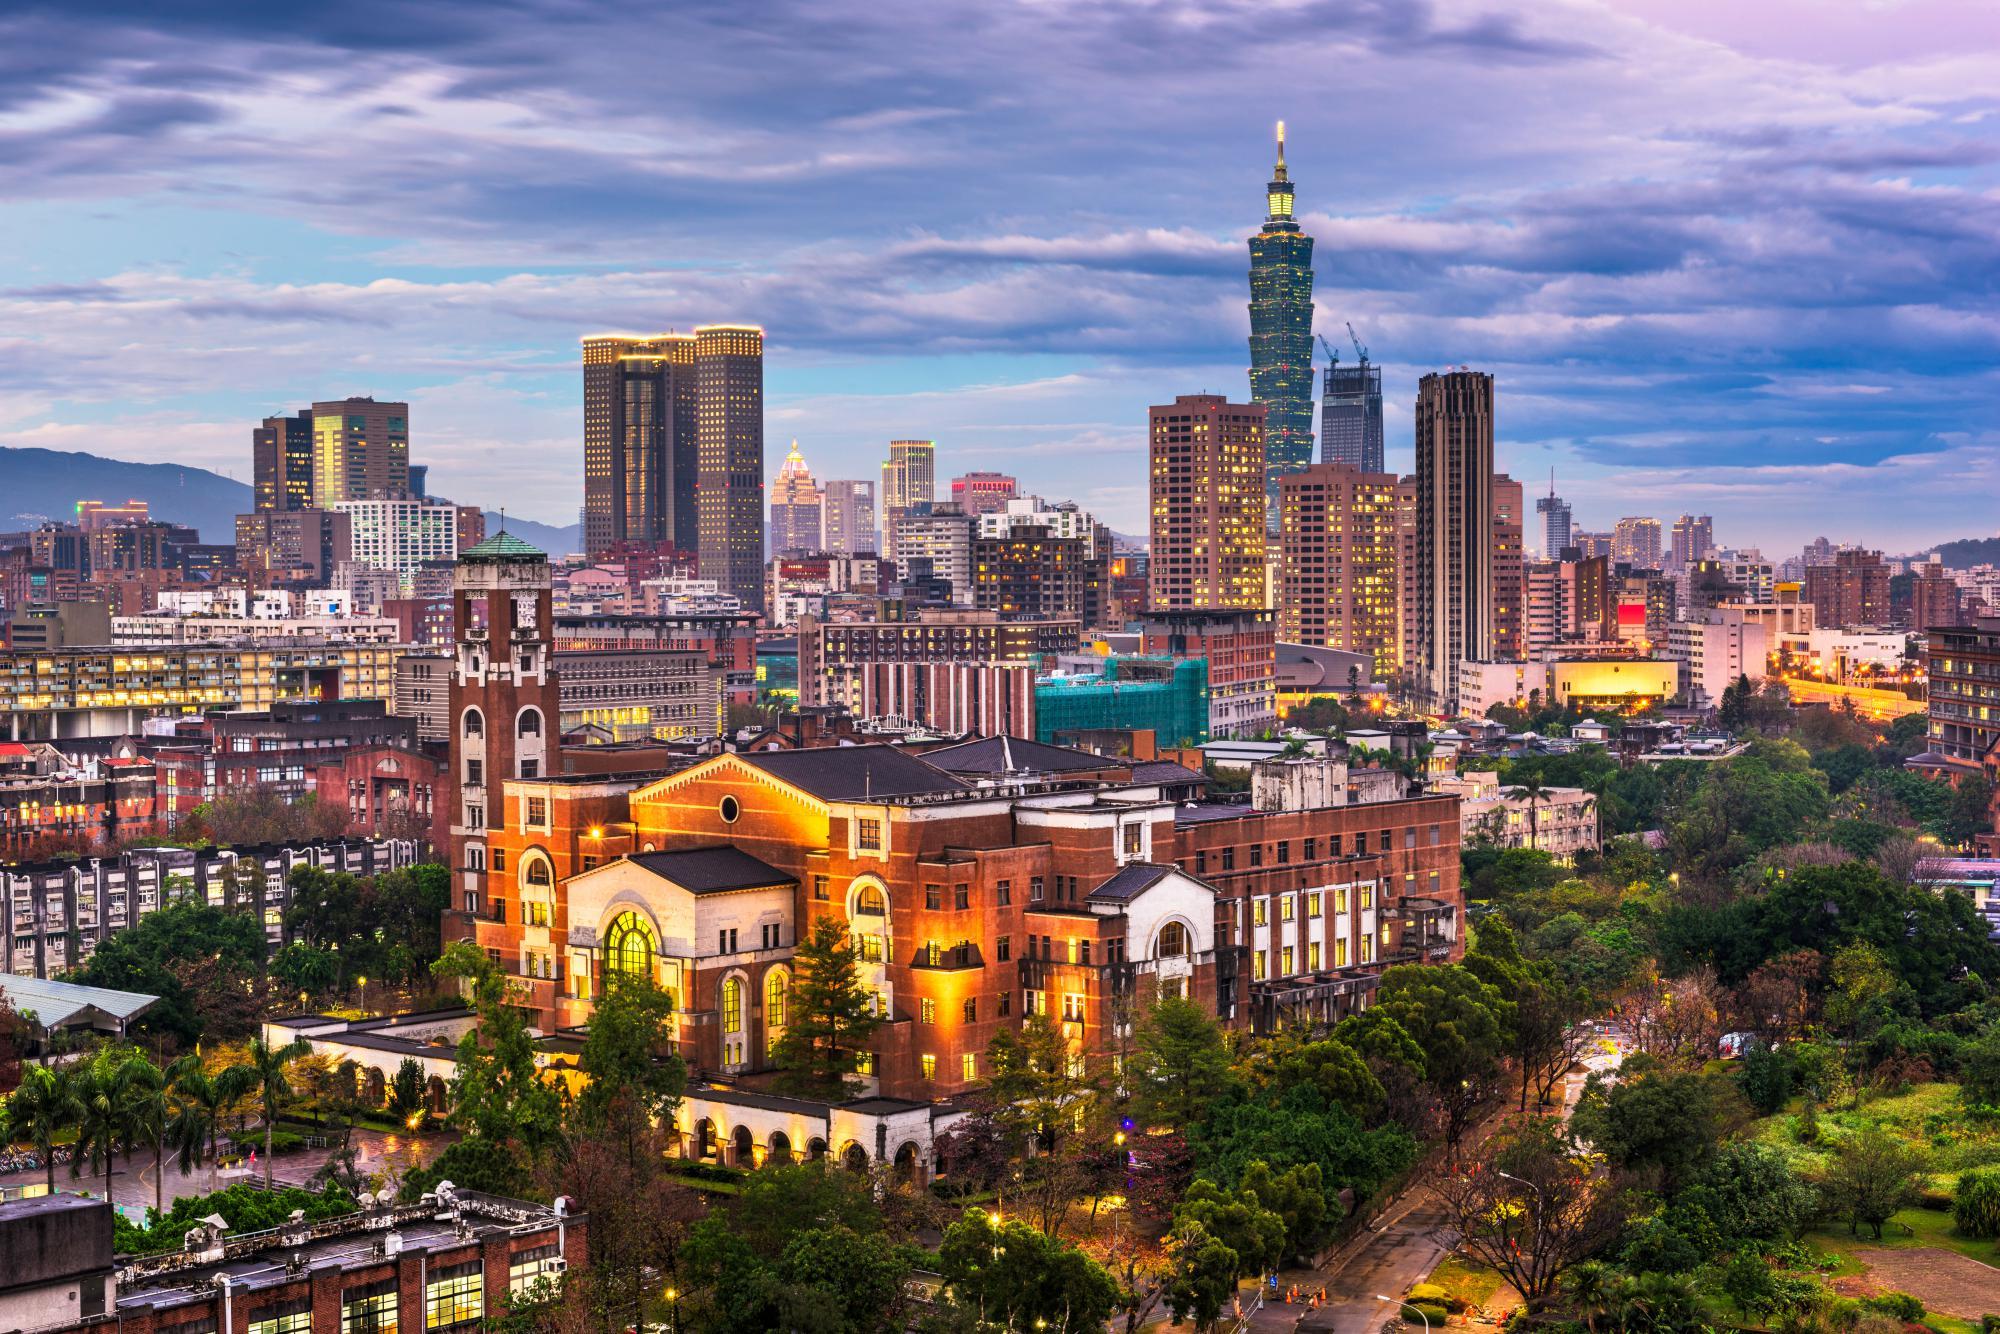 Тайвань напомнил иностранным поставщикам электронной коммерции о требованиях к облачным счетам